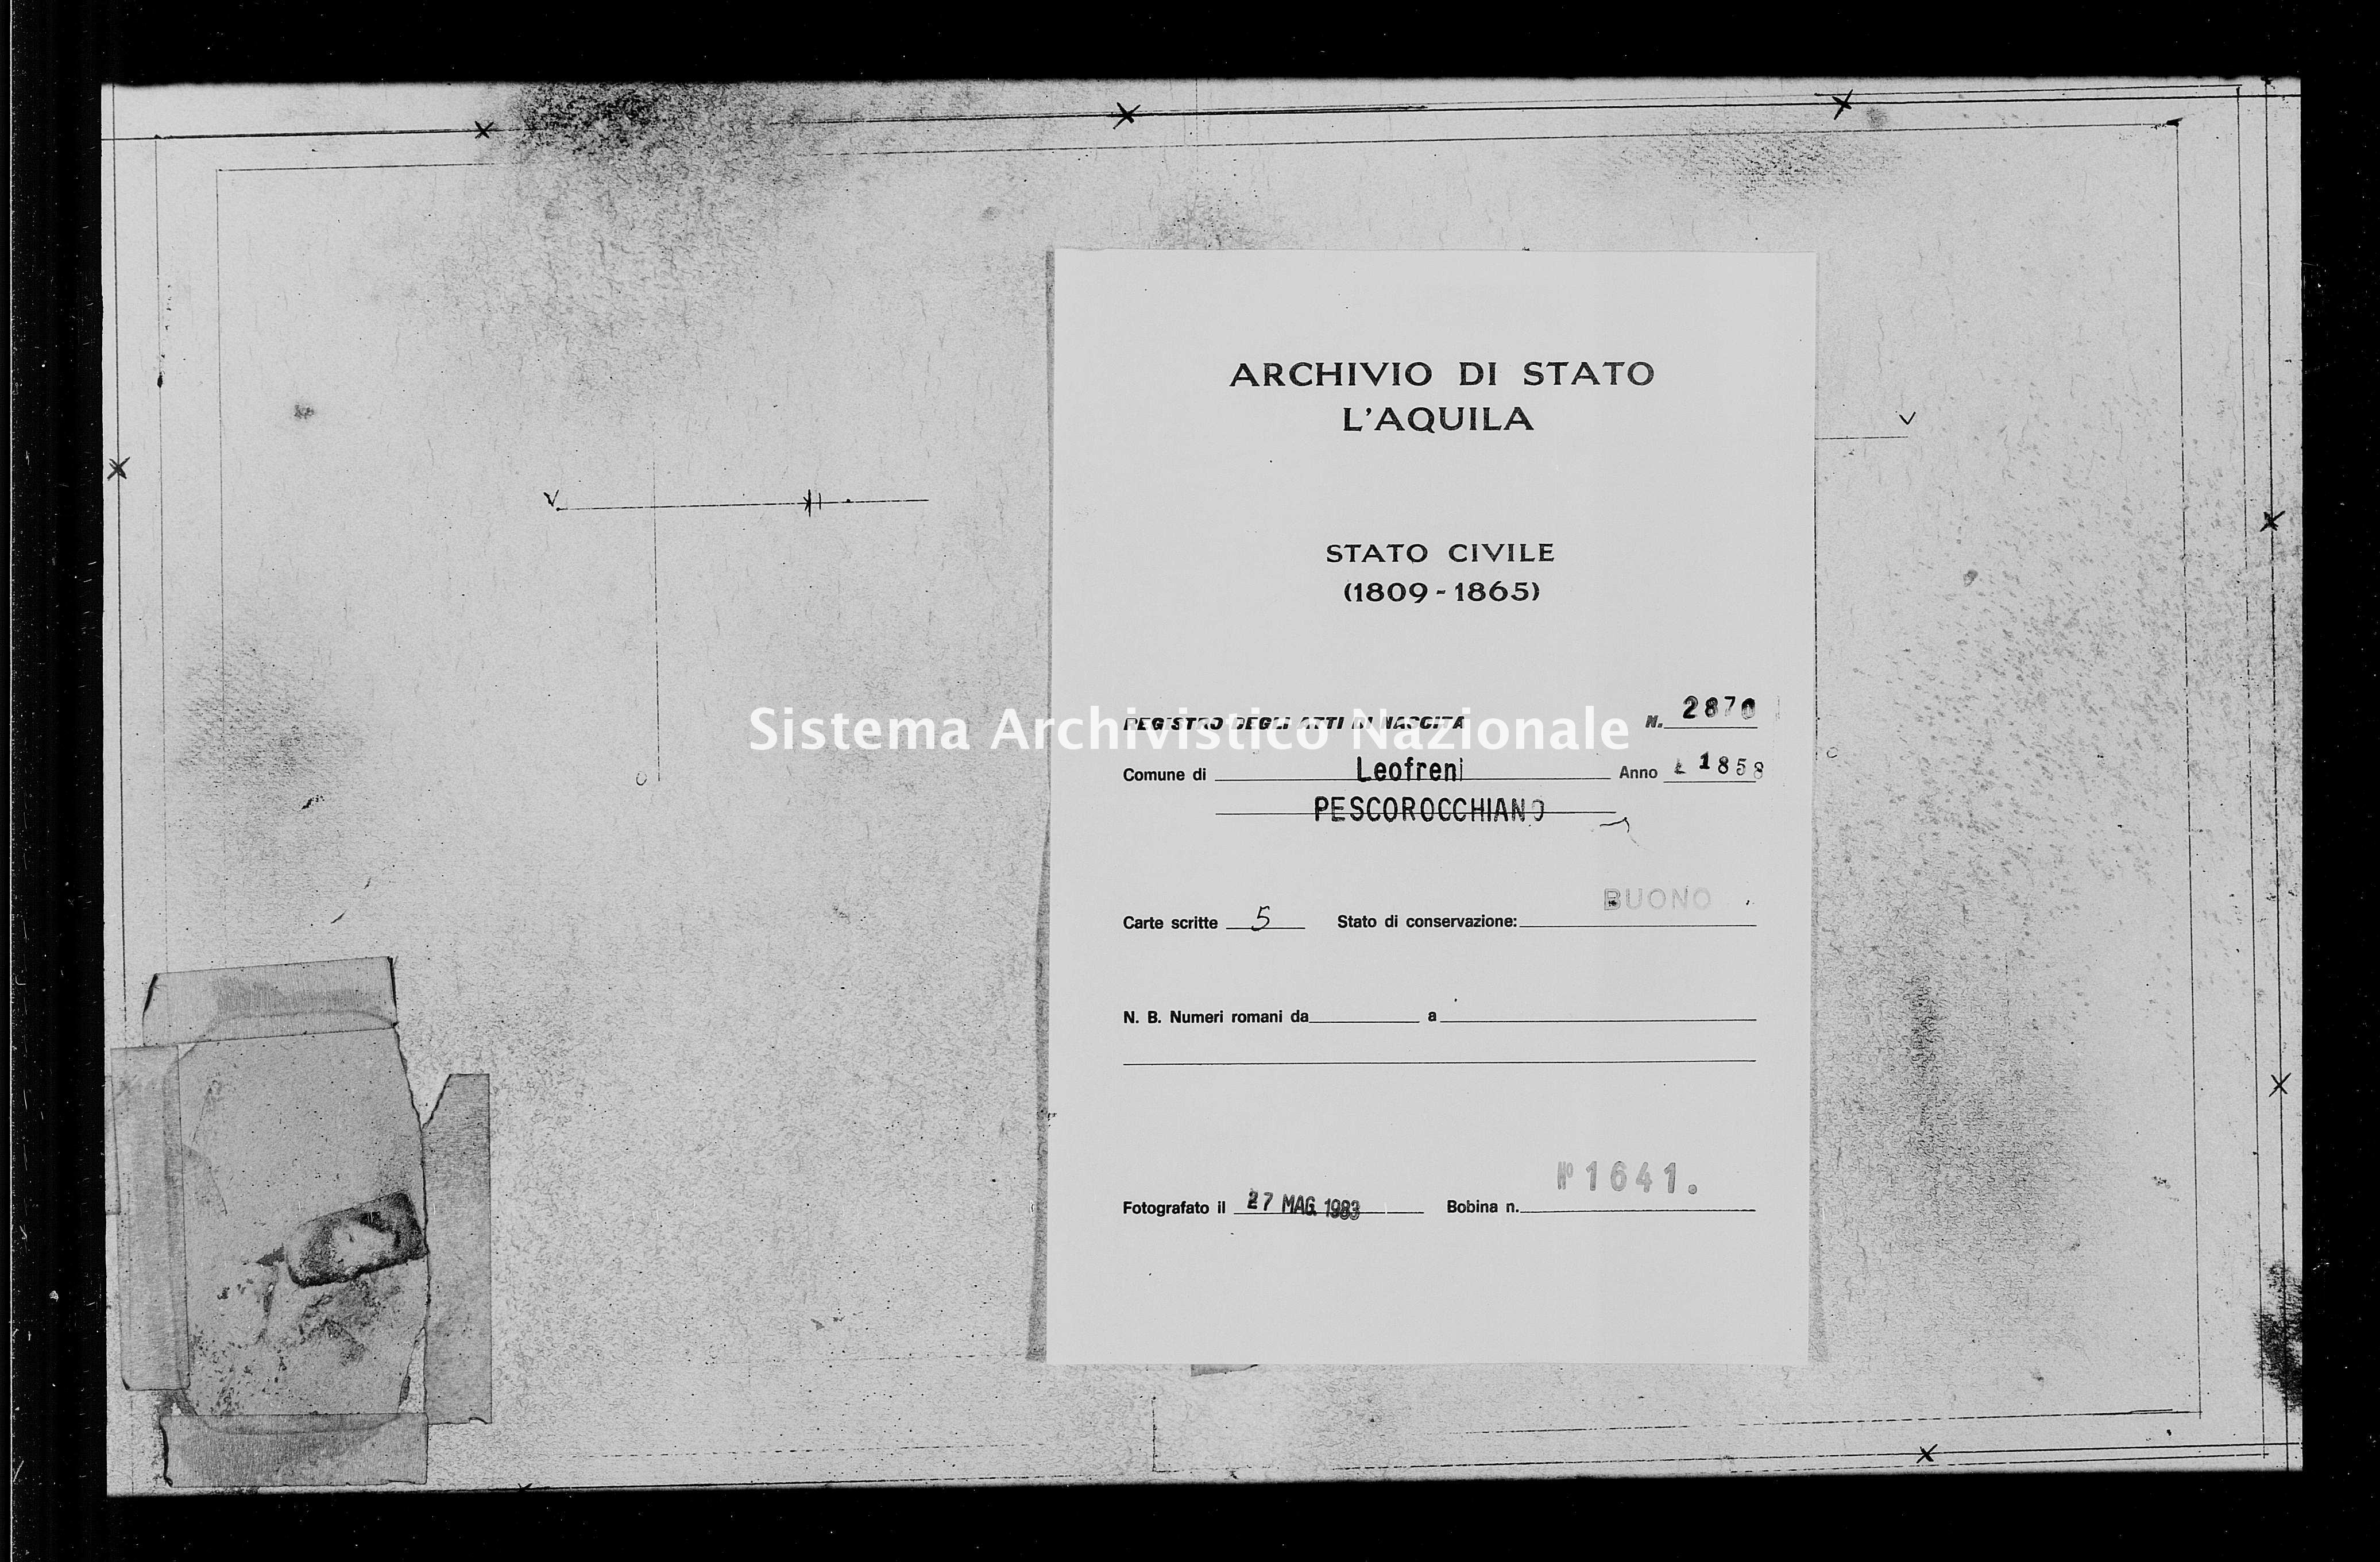 Archivio di stato di L'aquila - Stato civile della restaurazione - Leofreni - Nati - 1858 - 2870 -